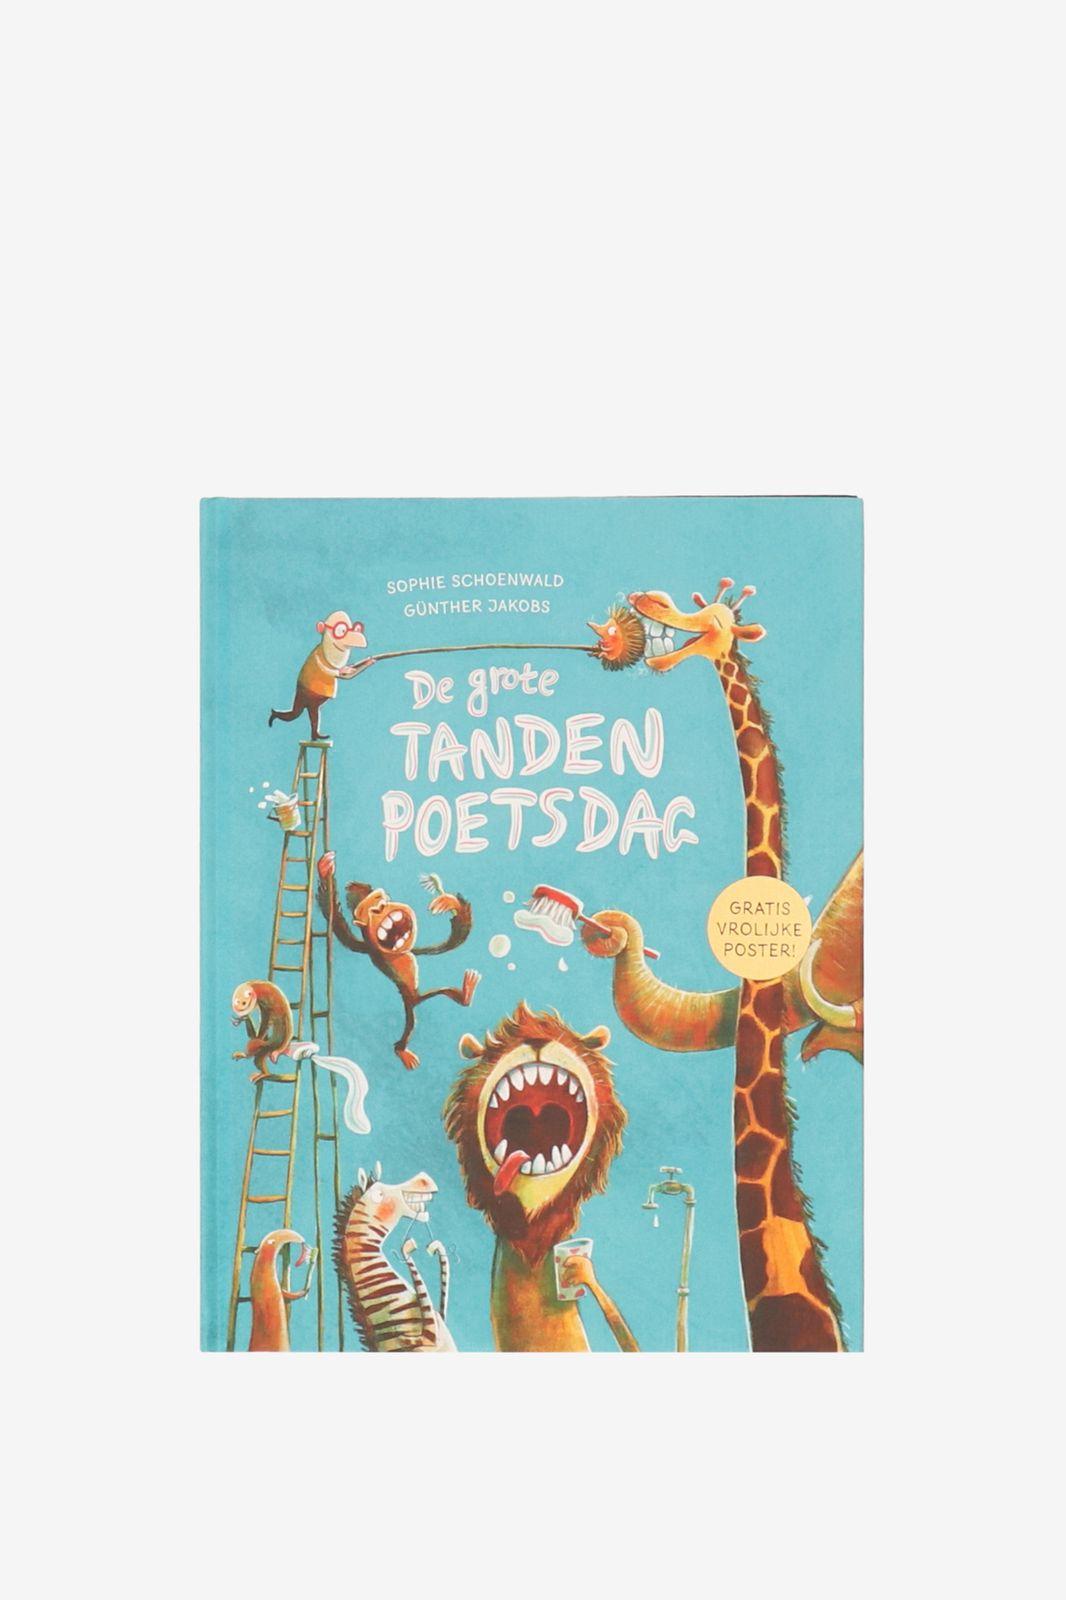 Boek de grote tandenpoetsdag - Homeland | Sissy-Boy